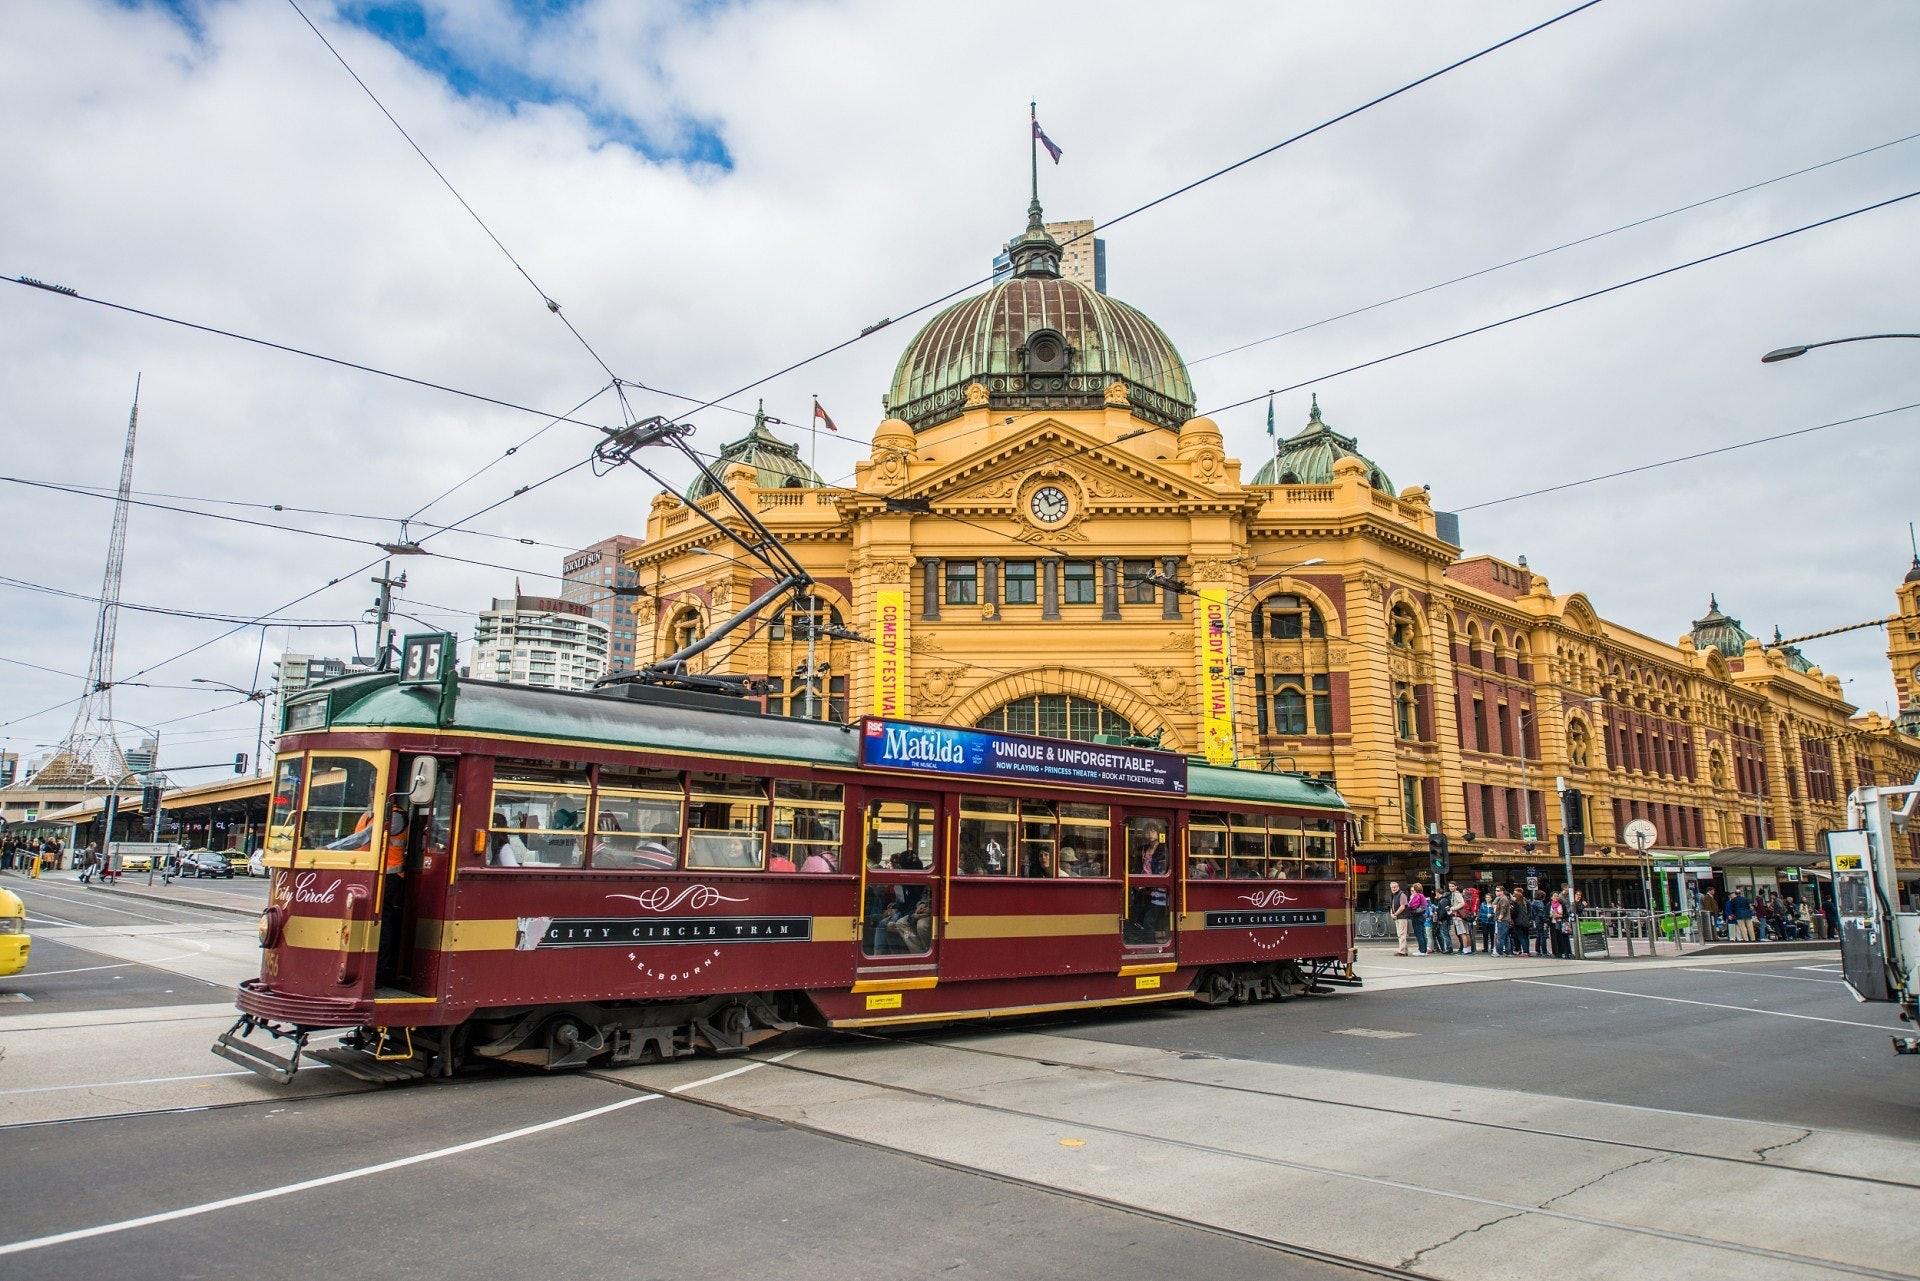 澳洲墨爾本是不少港人的理想移民城市之一。(VCG)